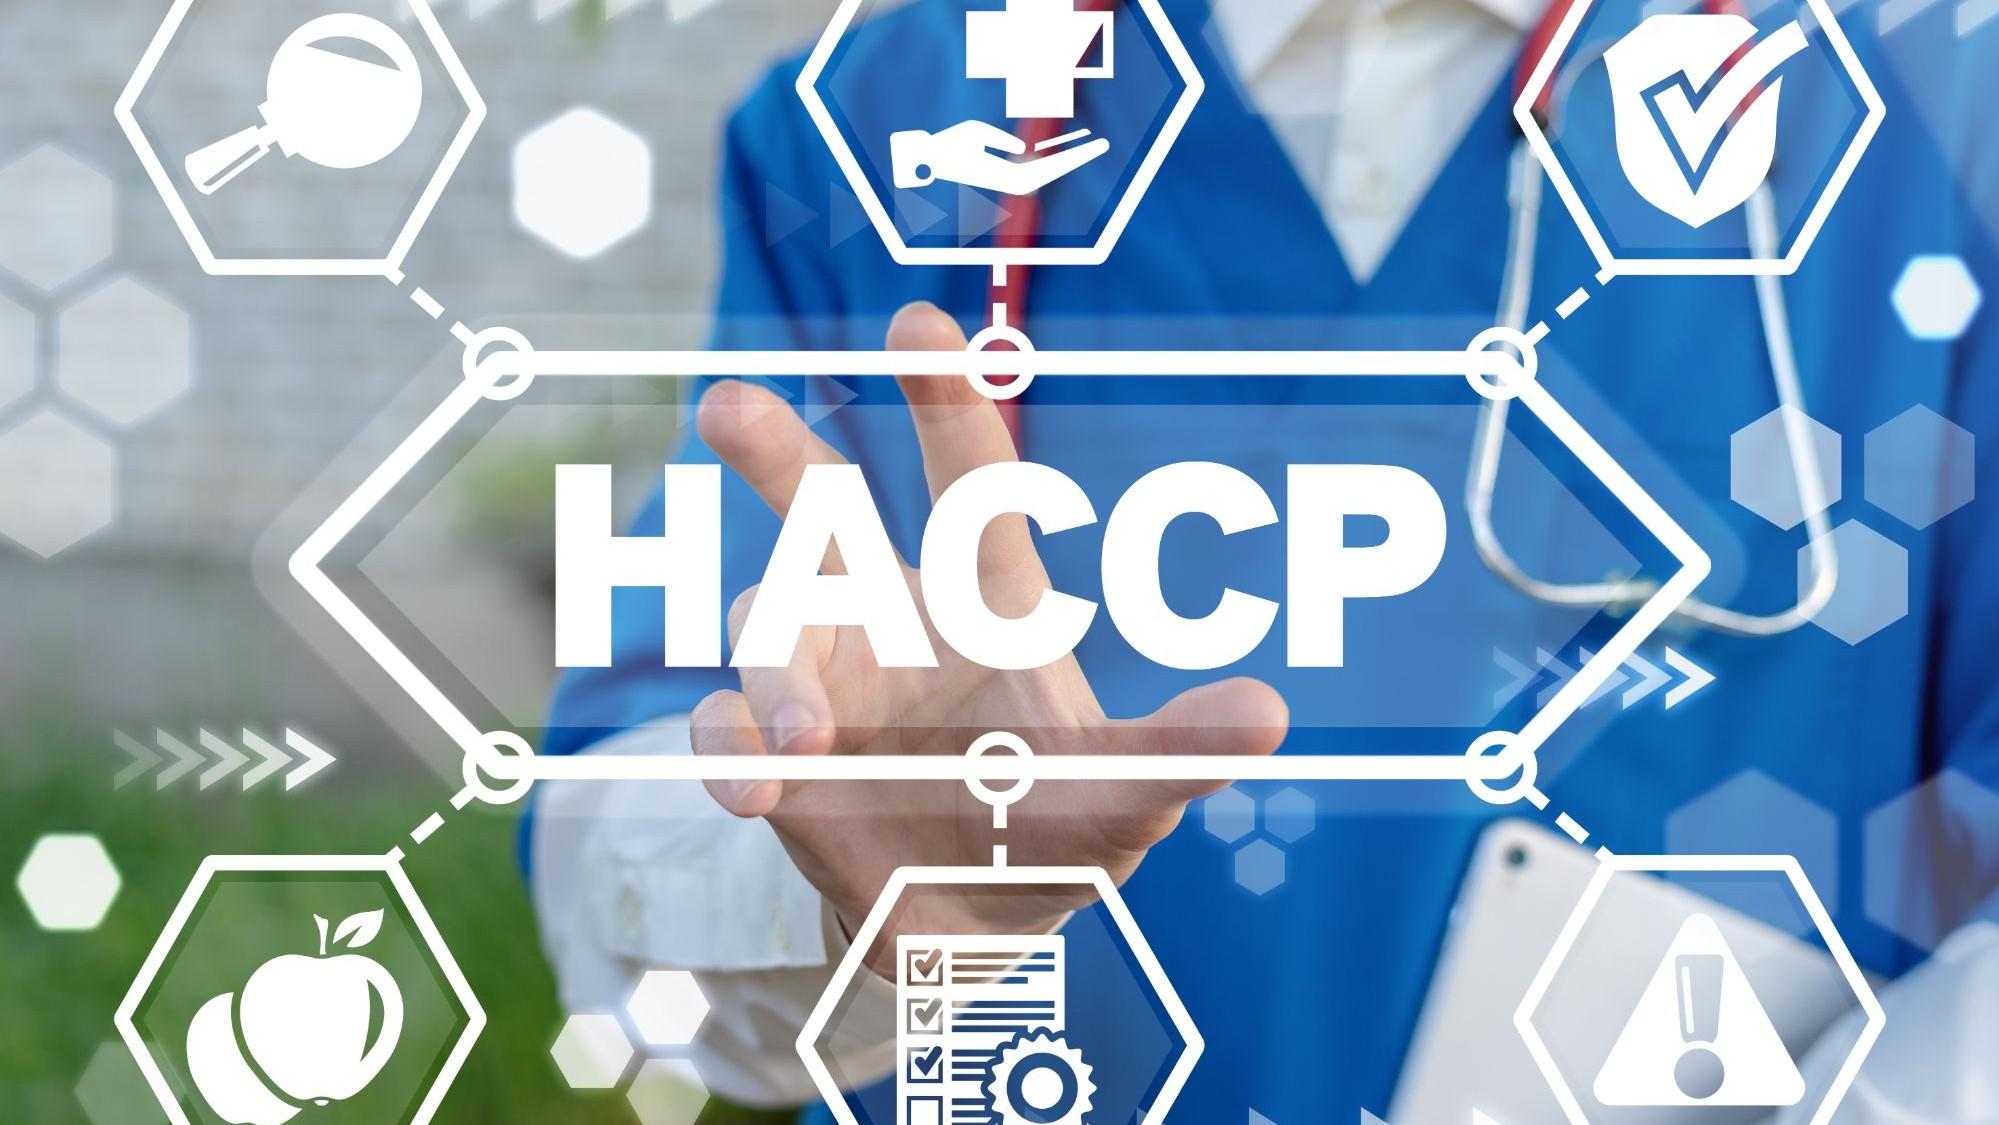 Représentation de la formation : SA03 - Mettre en place son Plan de Maîtrise Sanitaire (Hygiène, HACCP, Traçabilité)